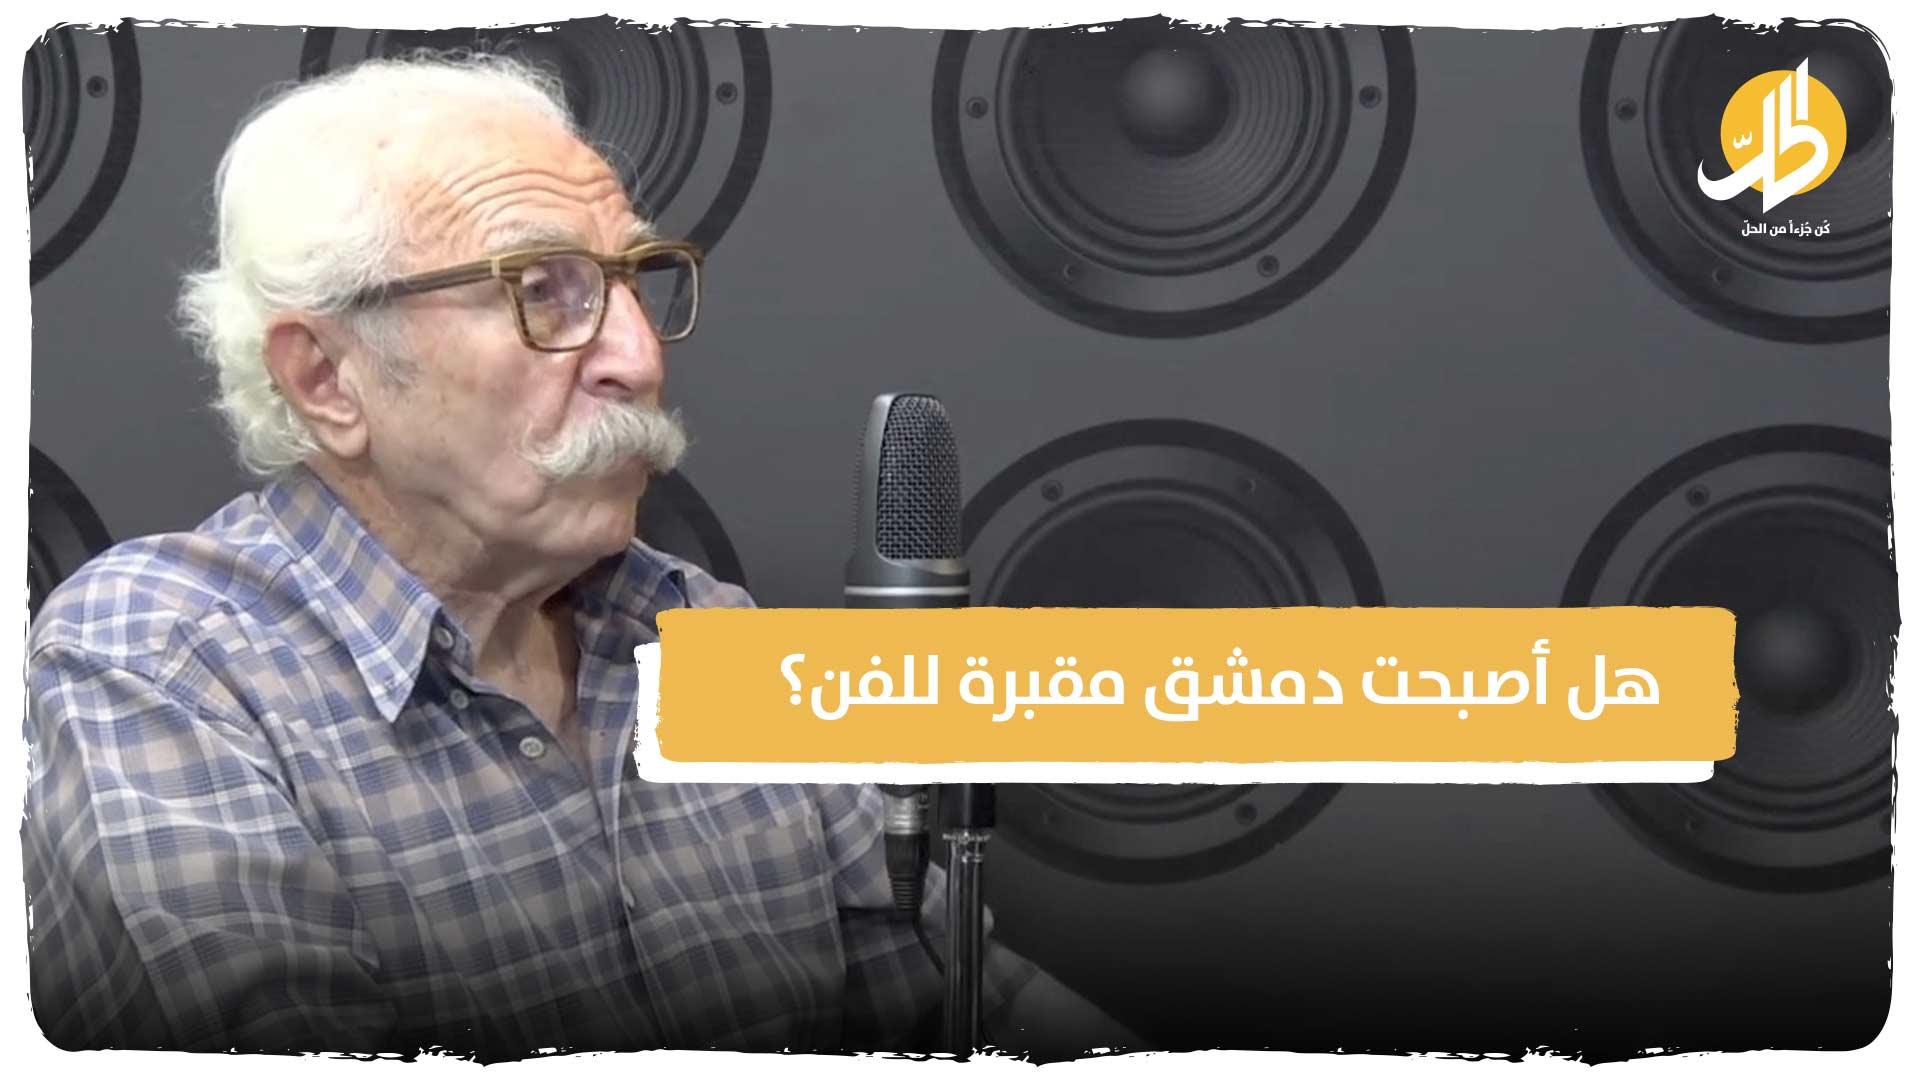 هل أصبحت دمشق مقبرة للفن؟